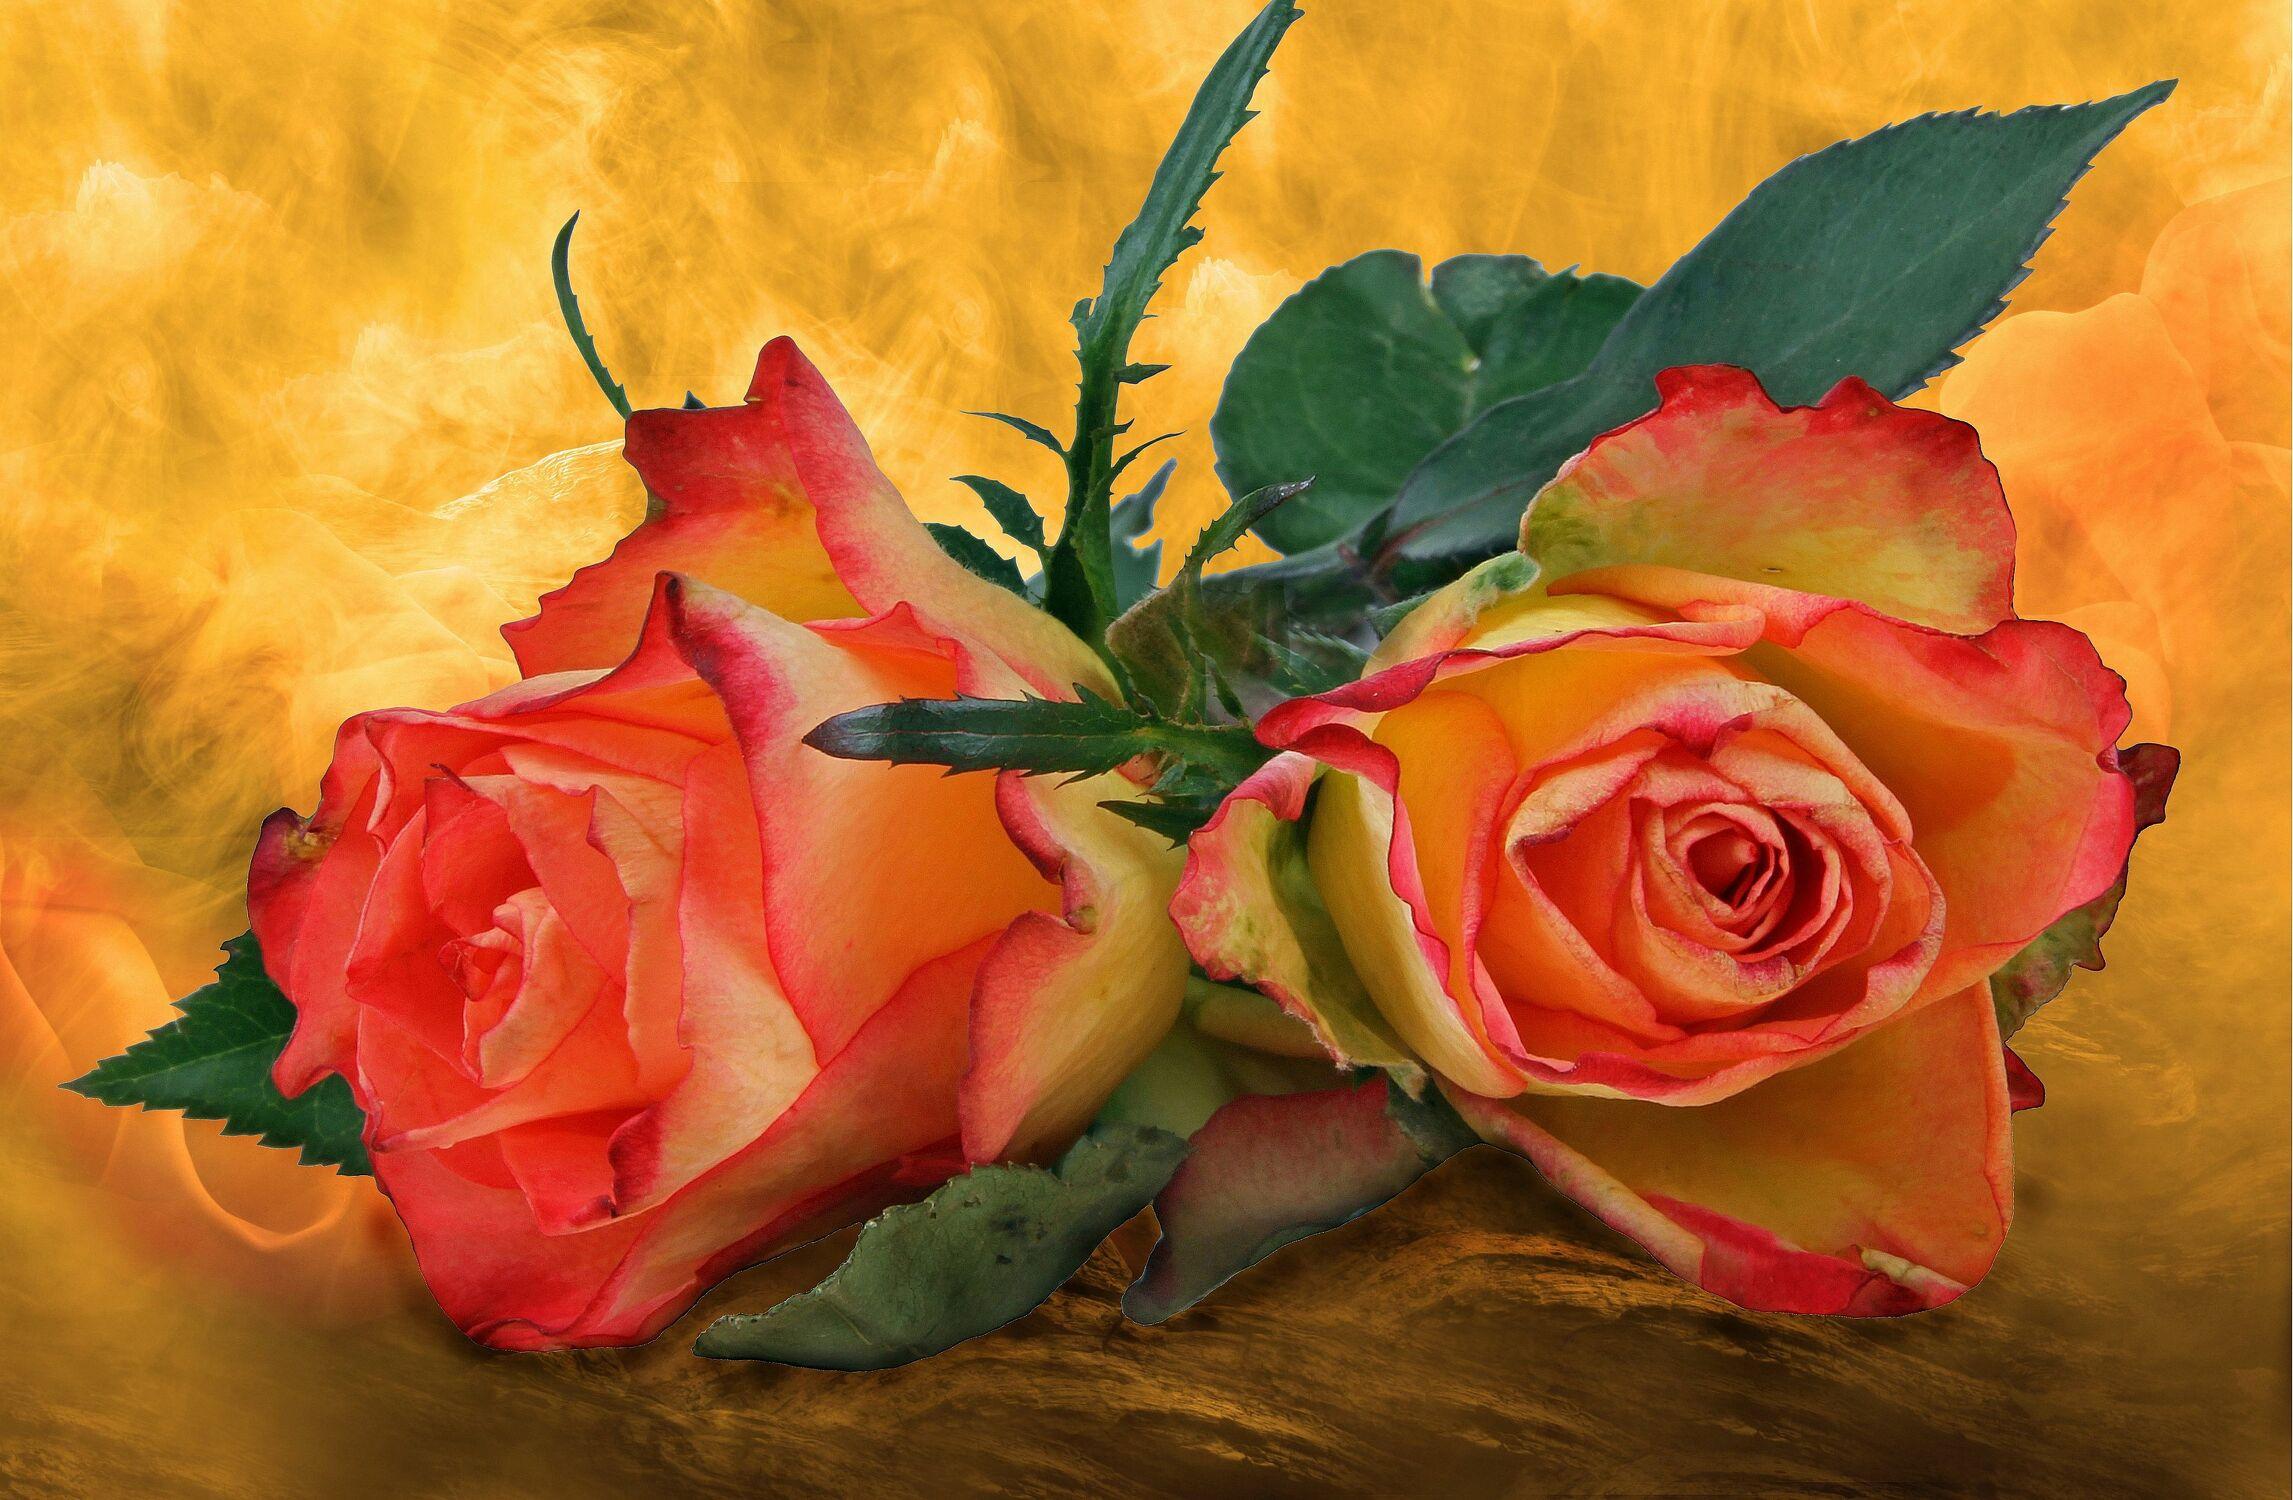 Bild mit Blumen, Rosen, Blätter, Blume, Rose, Blatt, Floral, Stilleben, Blüten, Florales, blüte